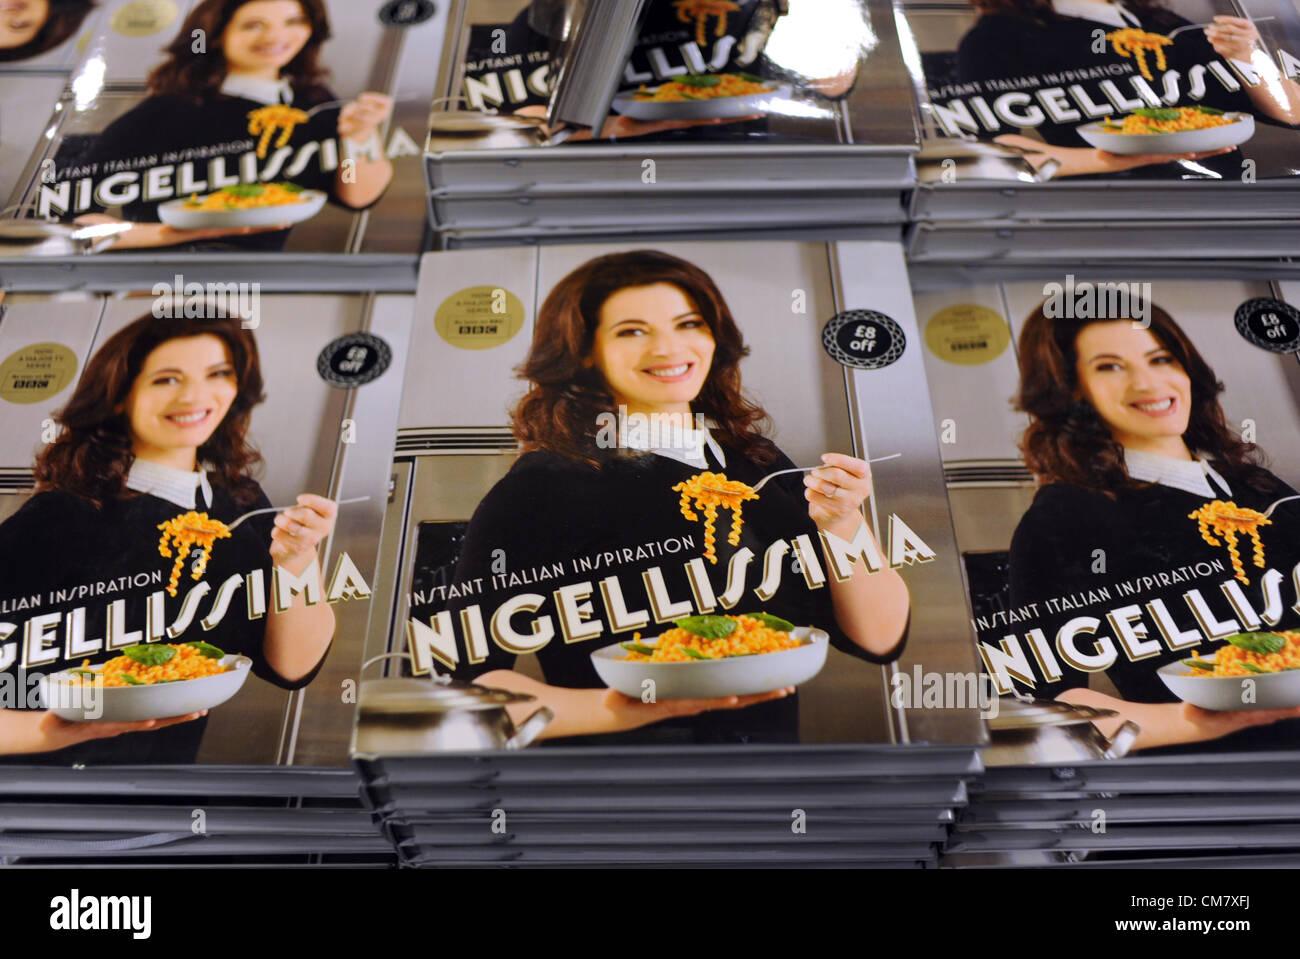 Nett Italienische Küche Unterzeichnet Uk Ideen - Ideen Für Die Küche ...